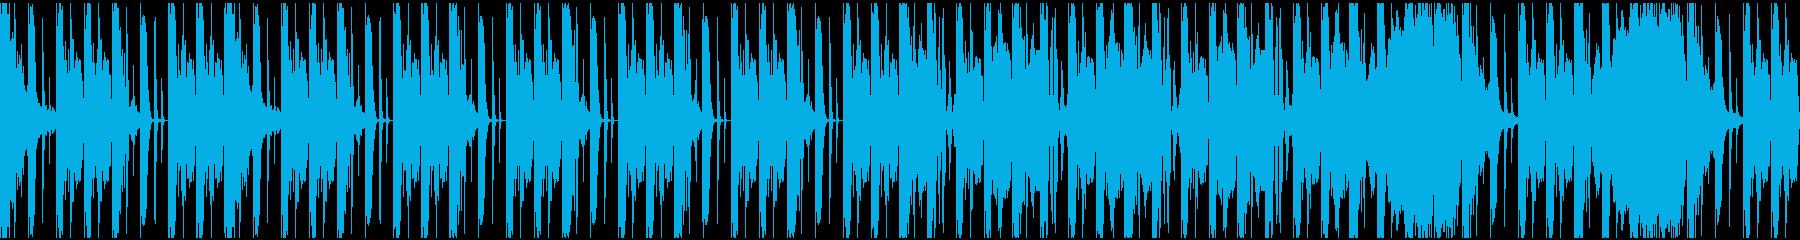 【ミステリアス】不気味ロング4の再生済みの波形